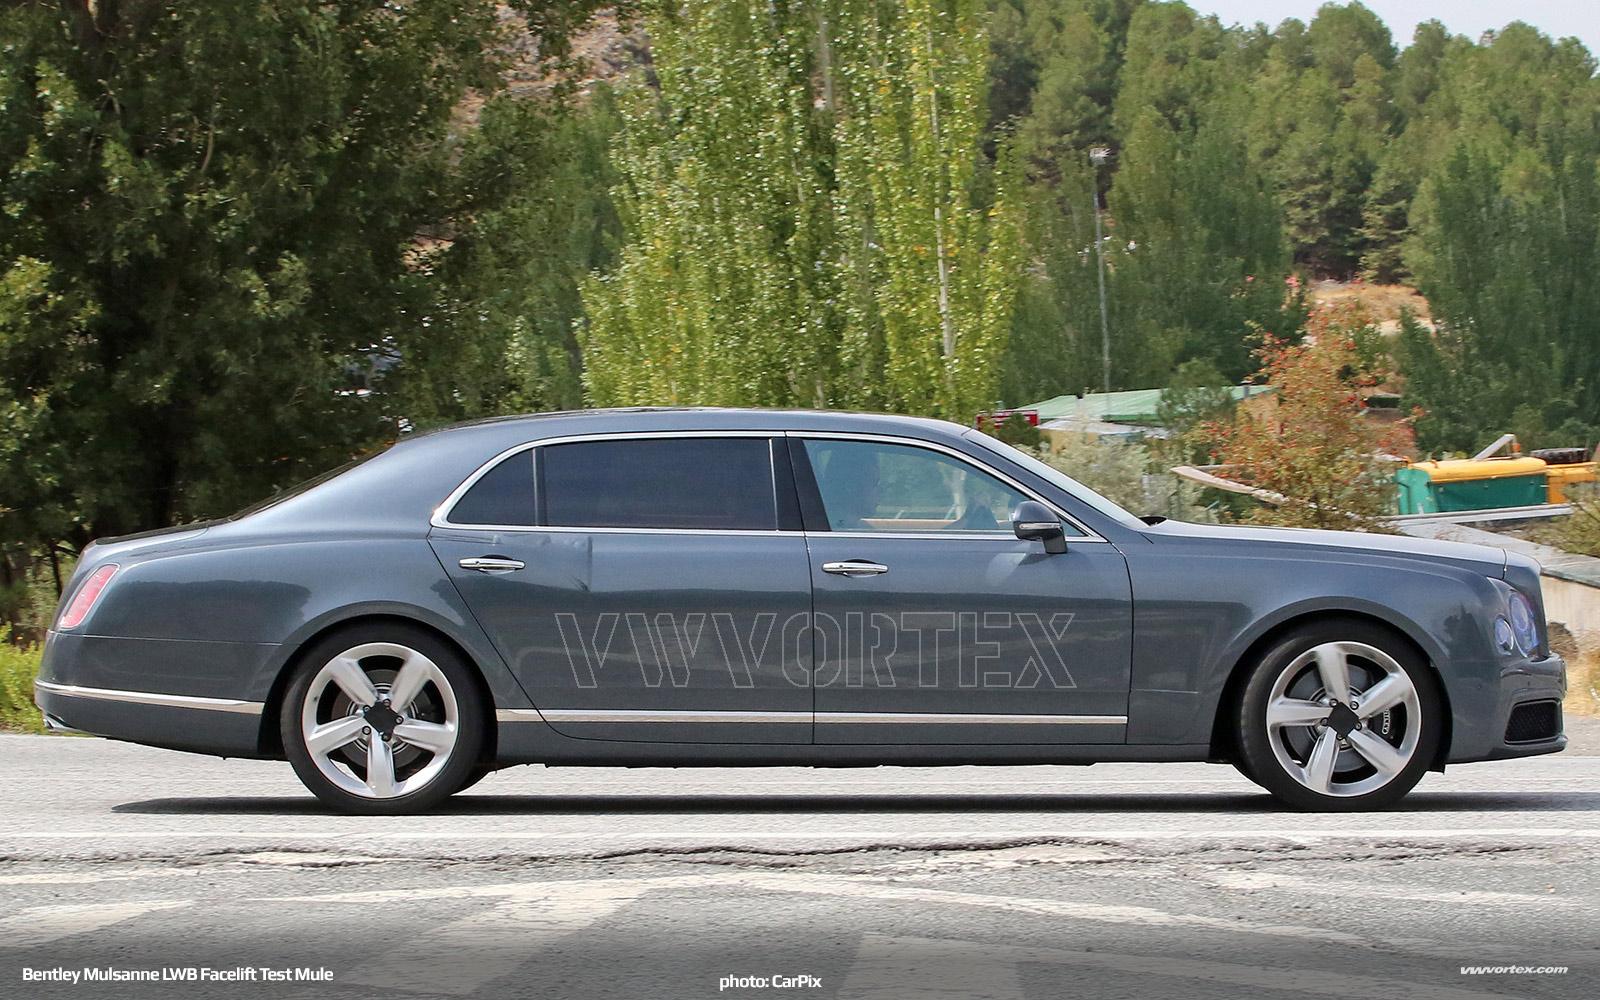 Bentley-Mulsanne-LWB-test-mule-facelift-516